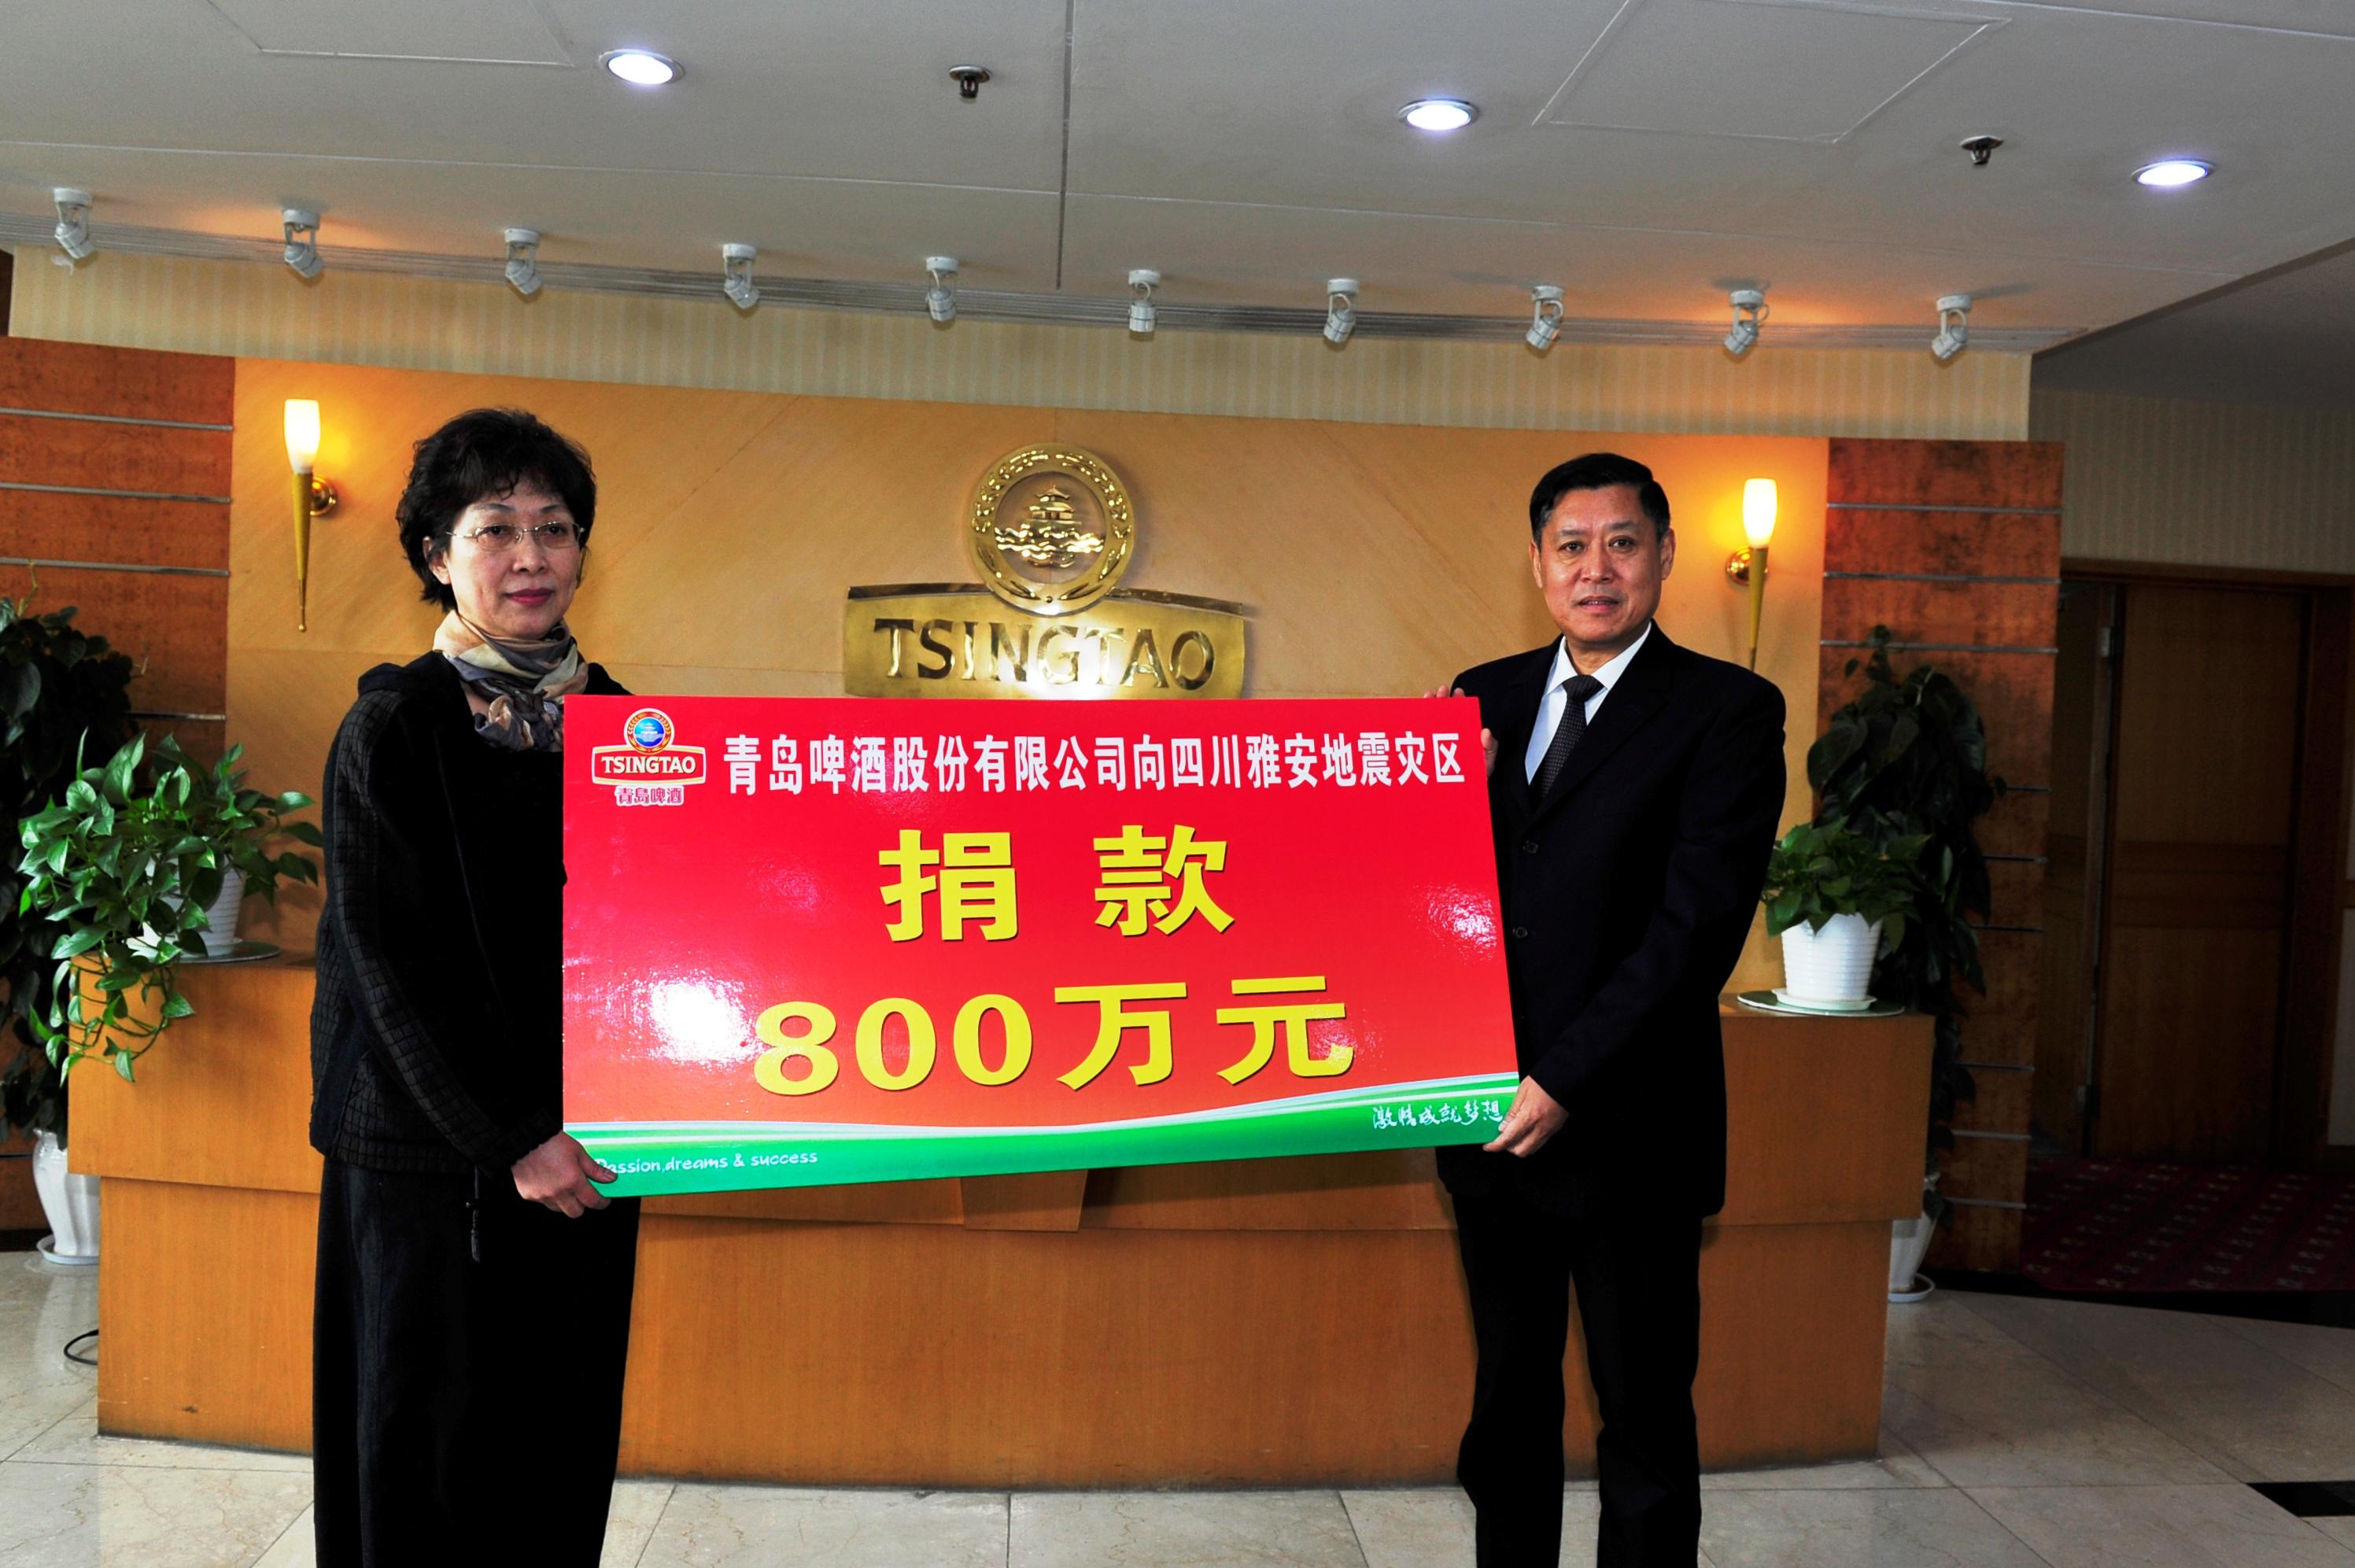 青岛啤酒公司捐助800万元支援雅安抗震救灾(图)